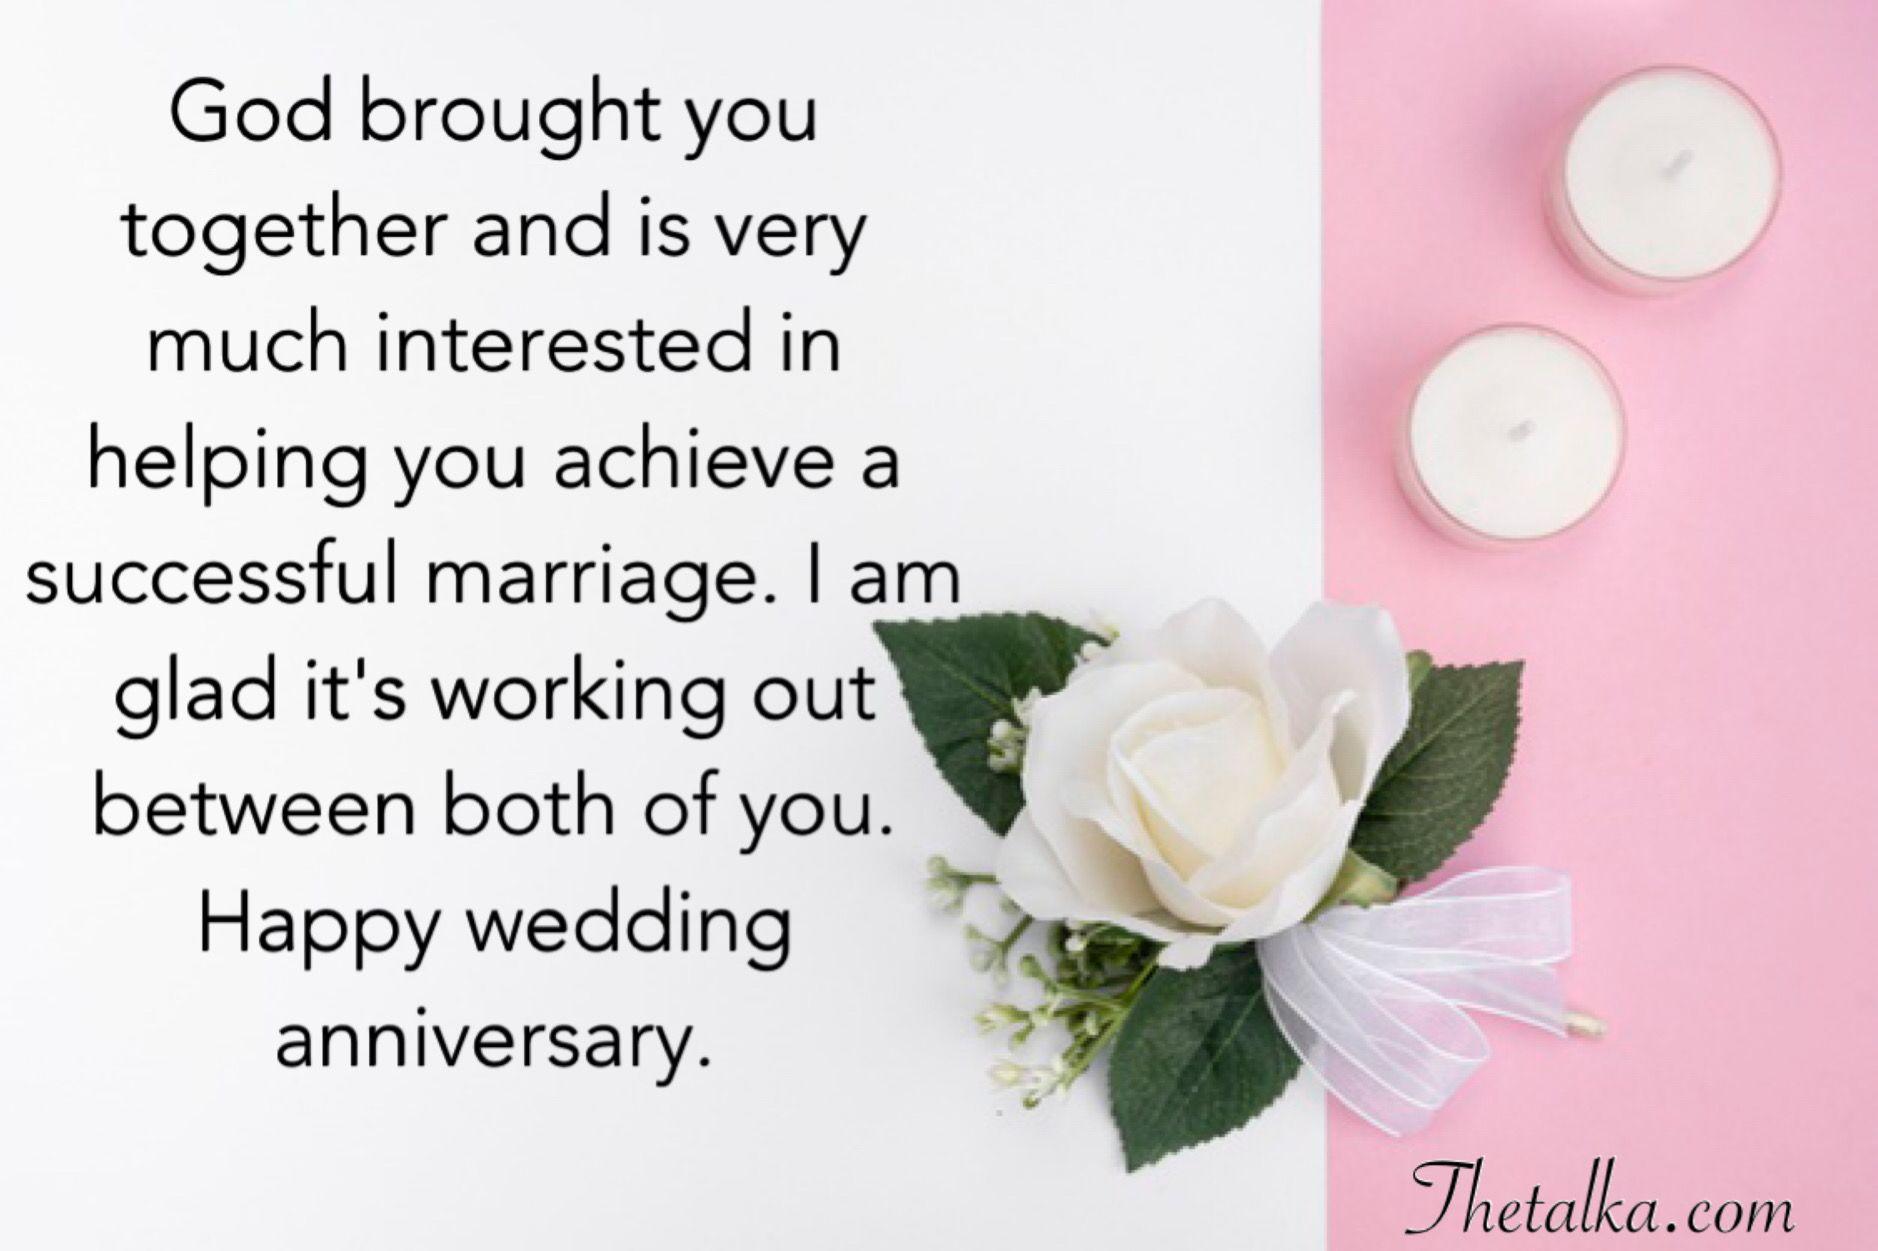 Christian Wedding Anniversary Wishes Anniversary wishes